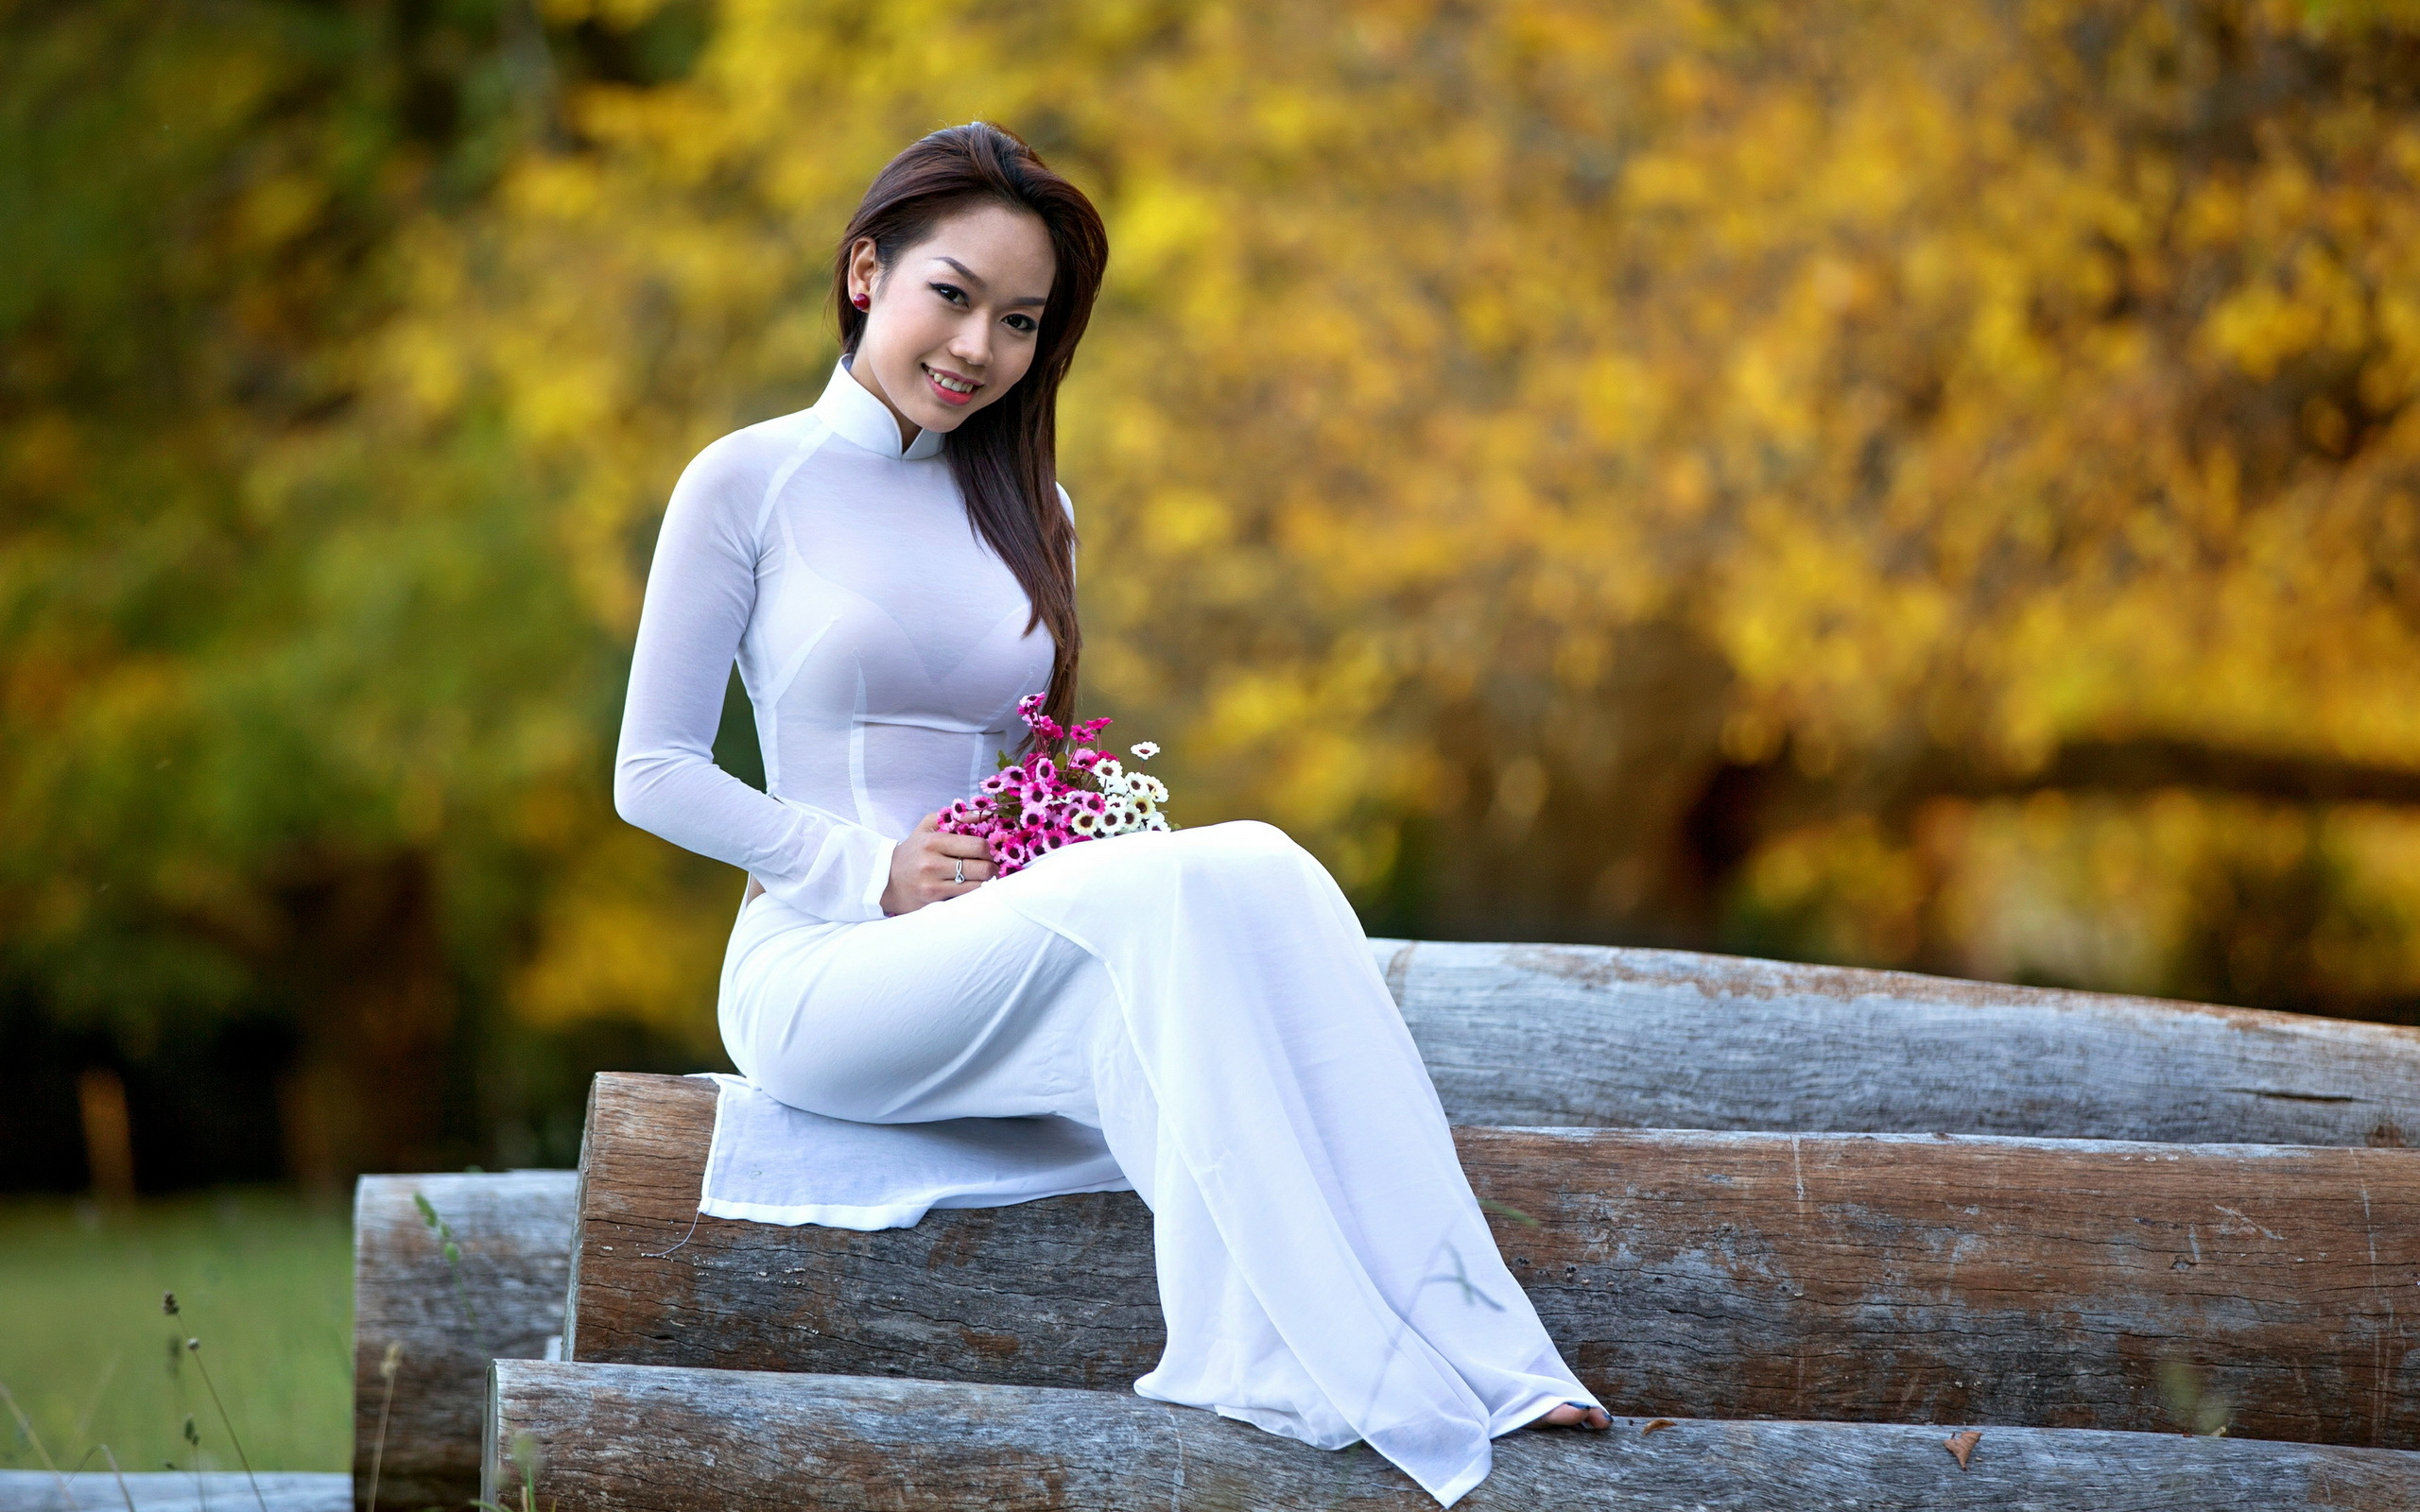 Азиатки в платьях фото #1